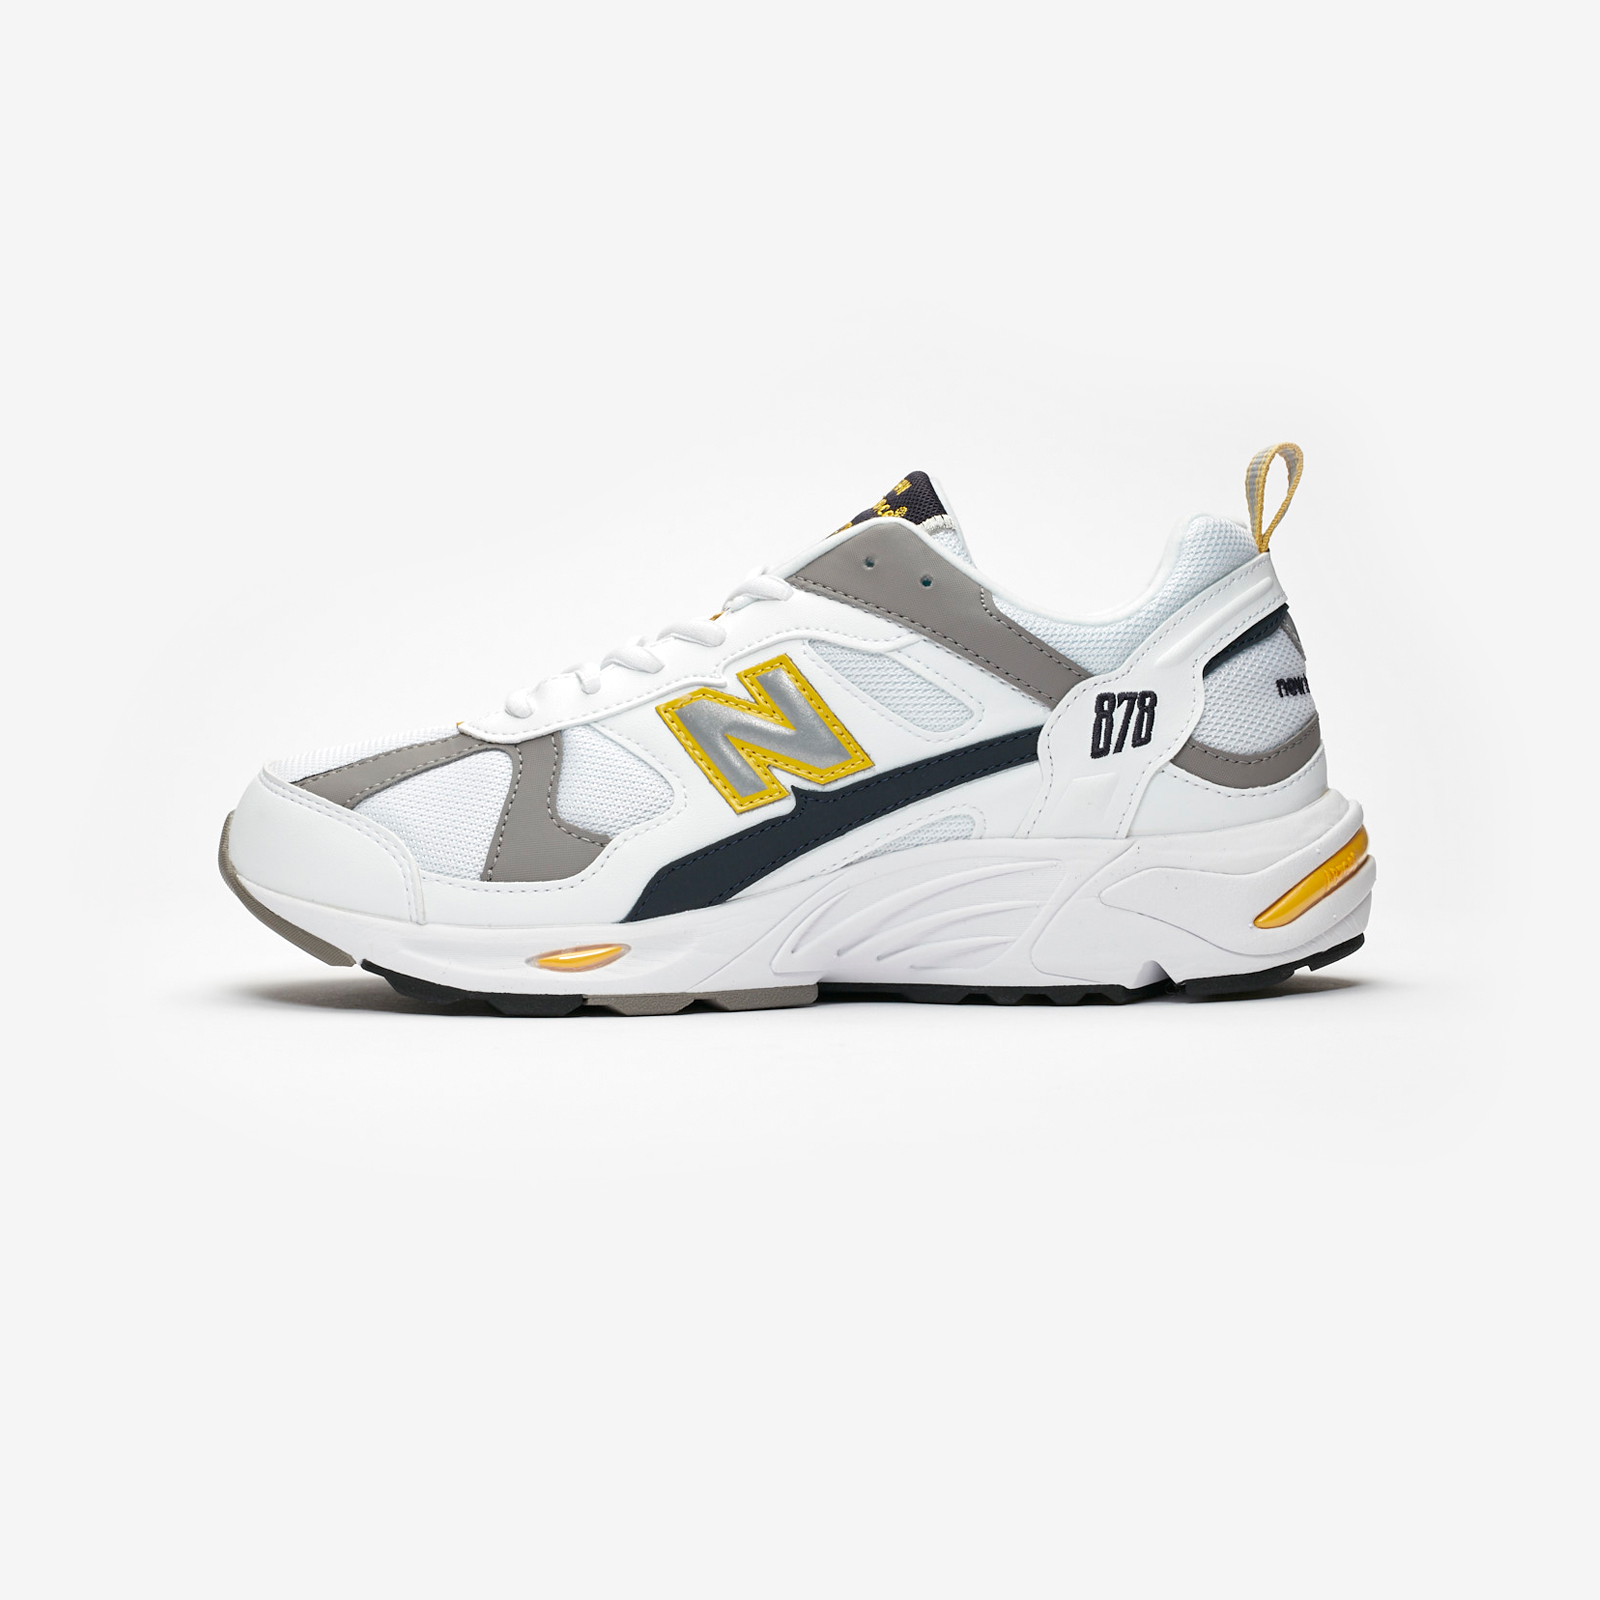 7eaba922cbeed New Balance CM878 - Cm878tca - Sneakersnstuff | sneakers & streetwear  online since 1999